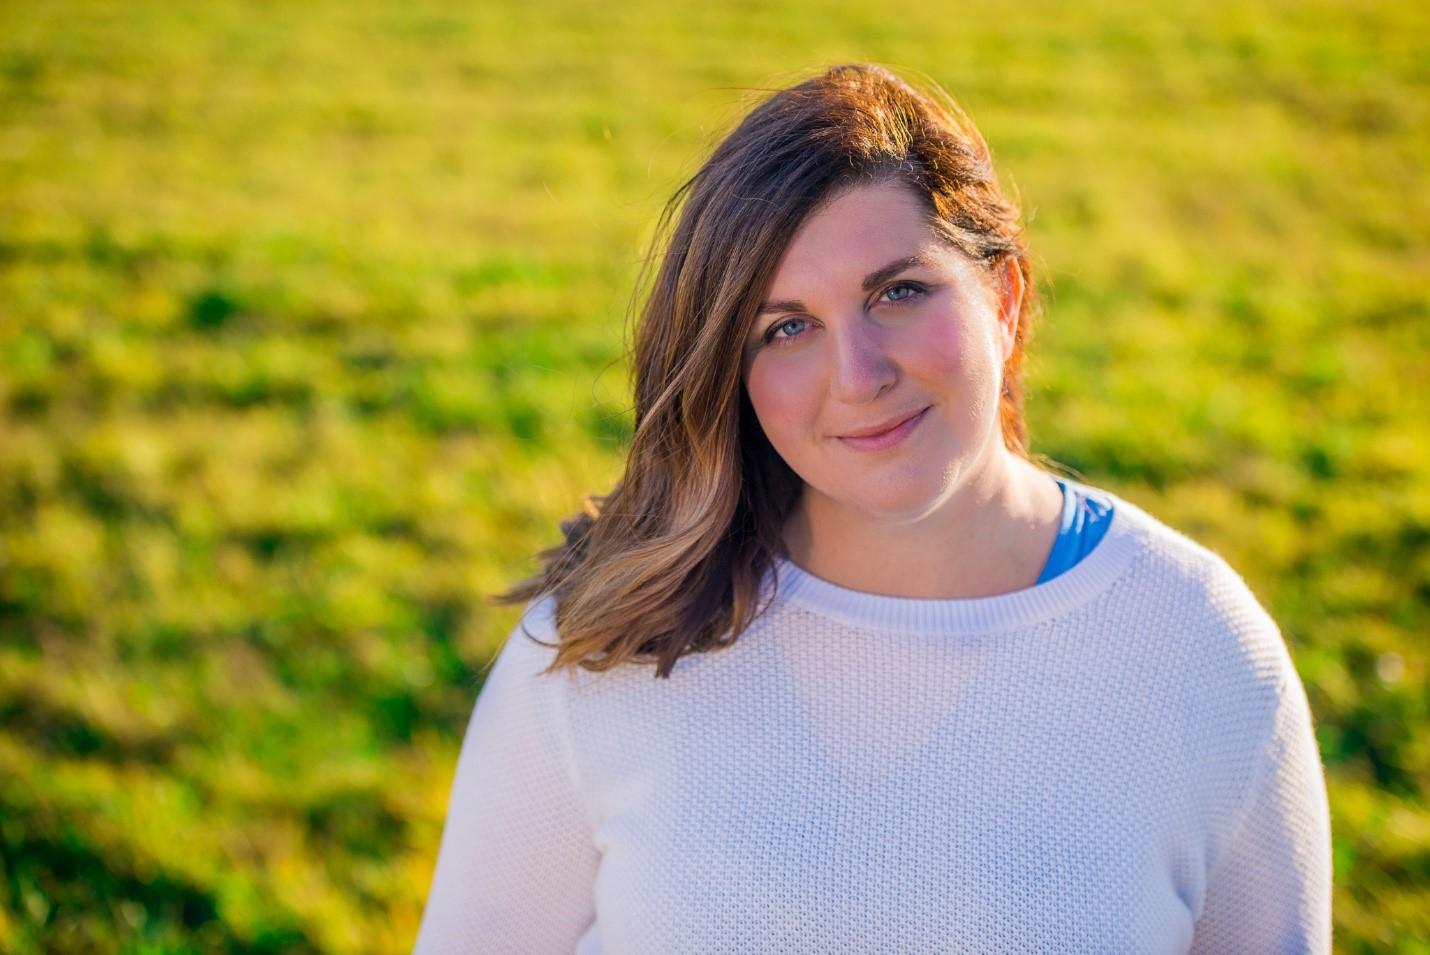 Emily Baron Cadloff